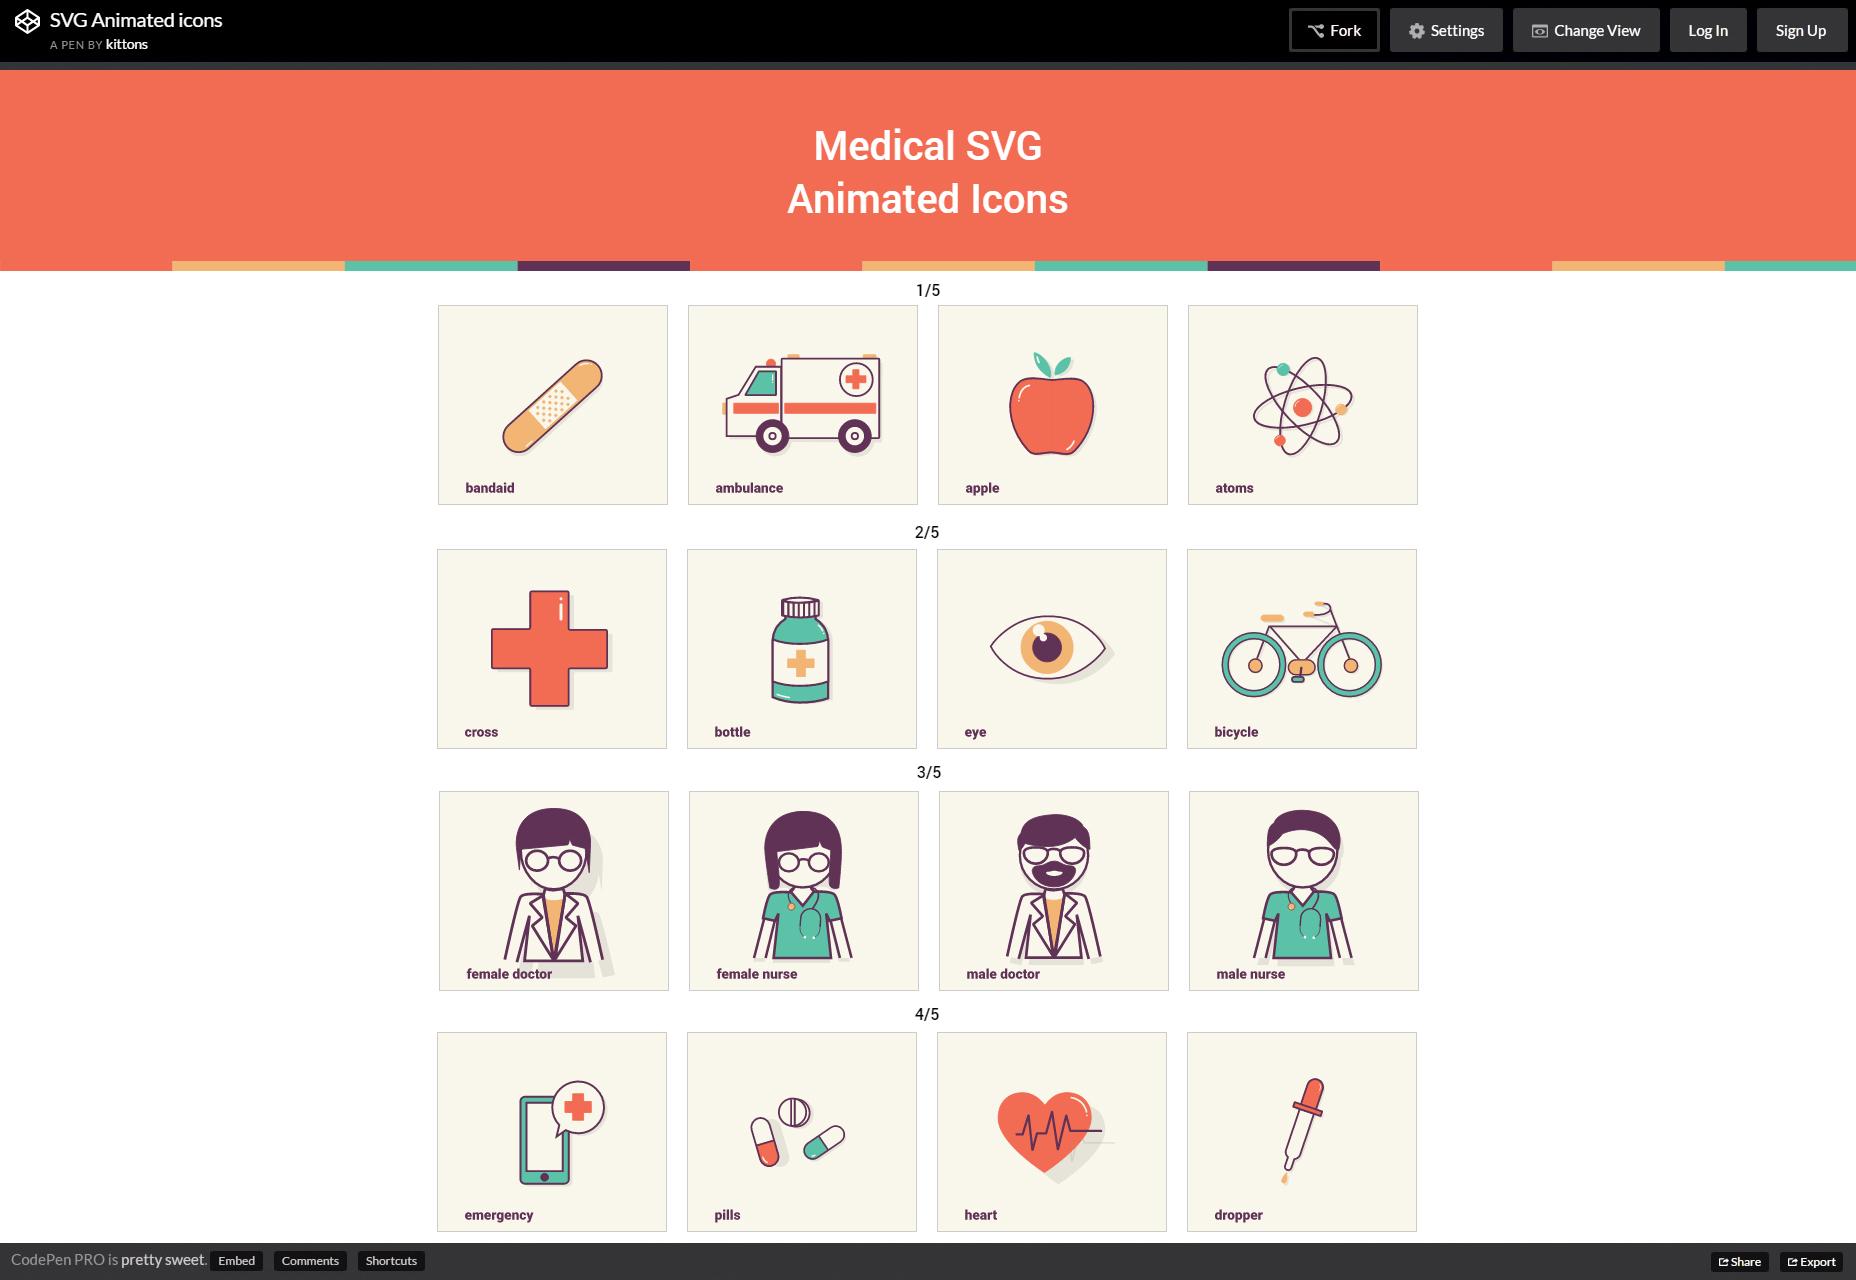 Animované lékařské ikony SVG